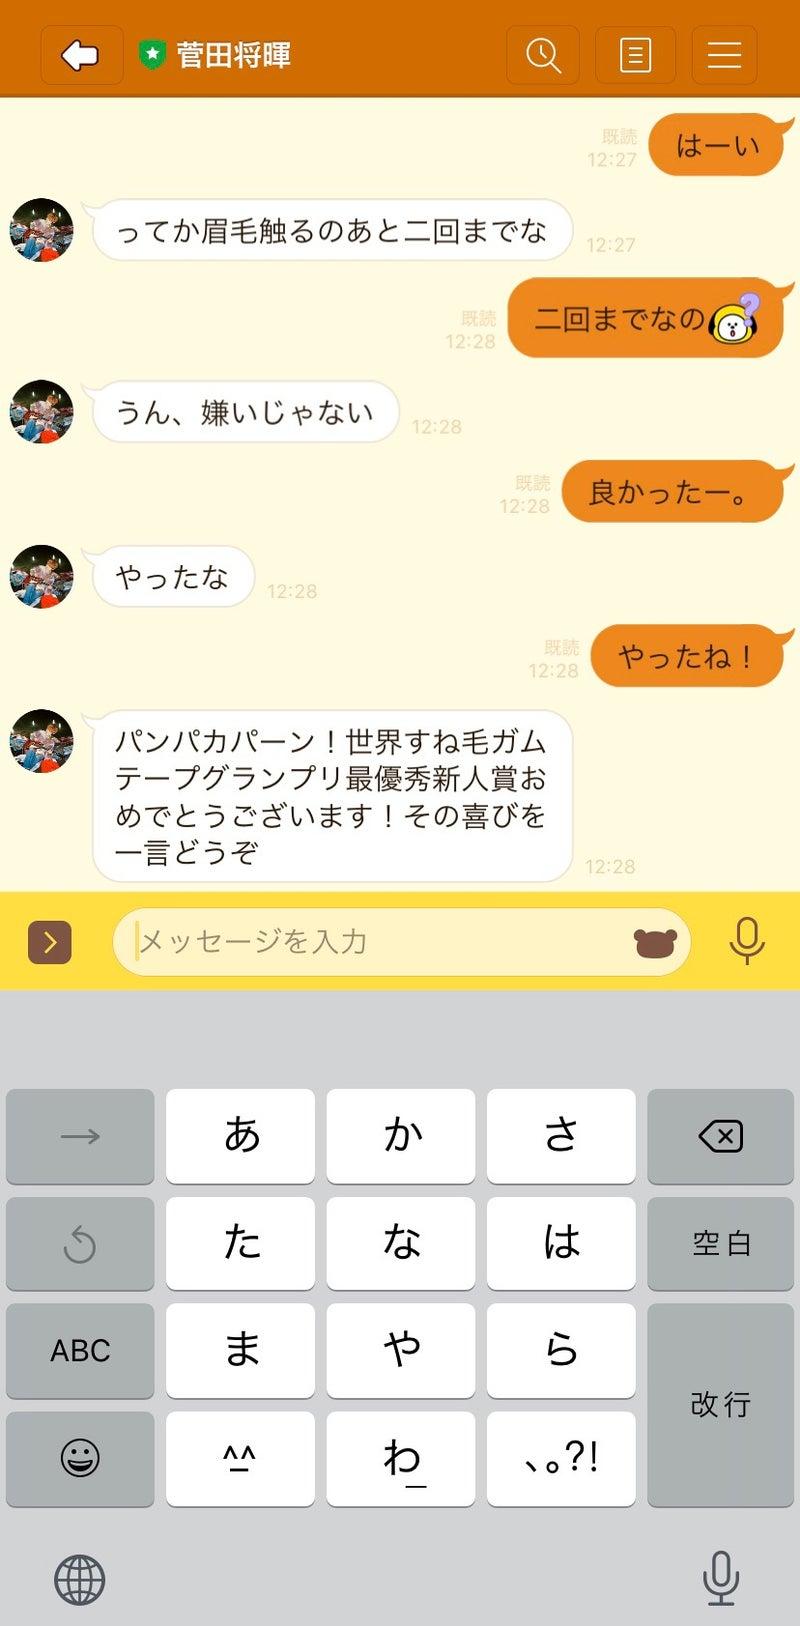 佐藤健 返信